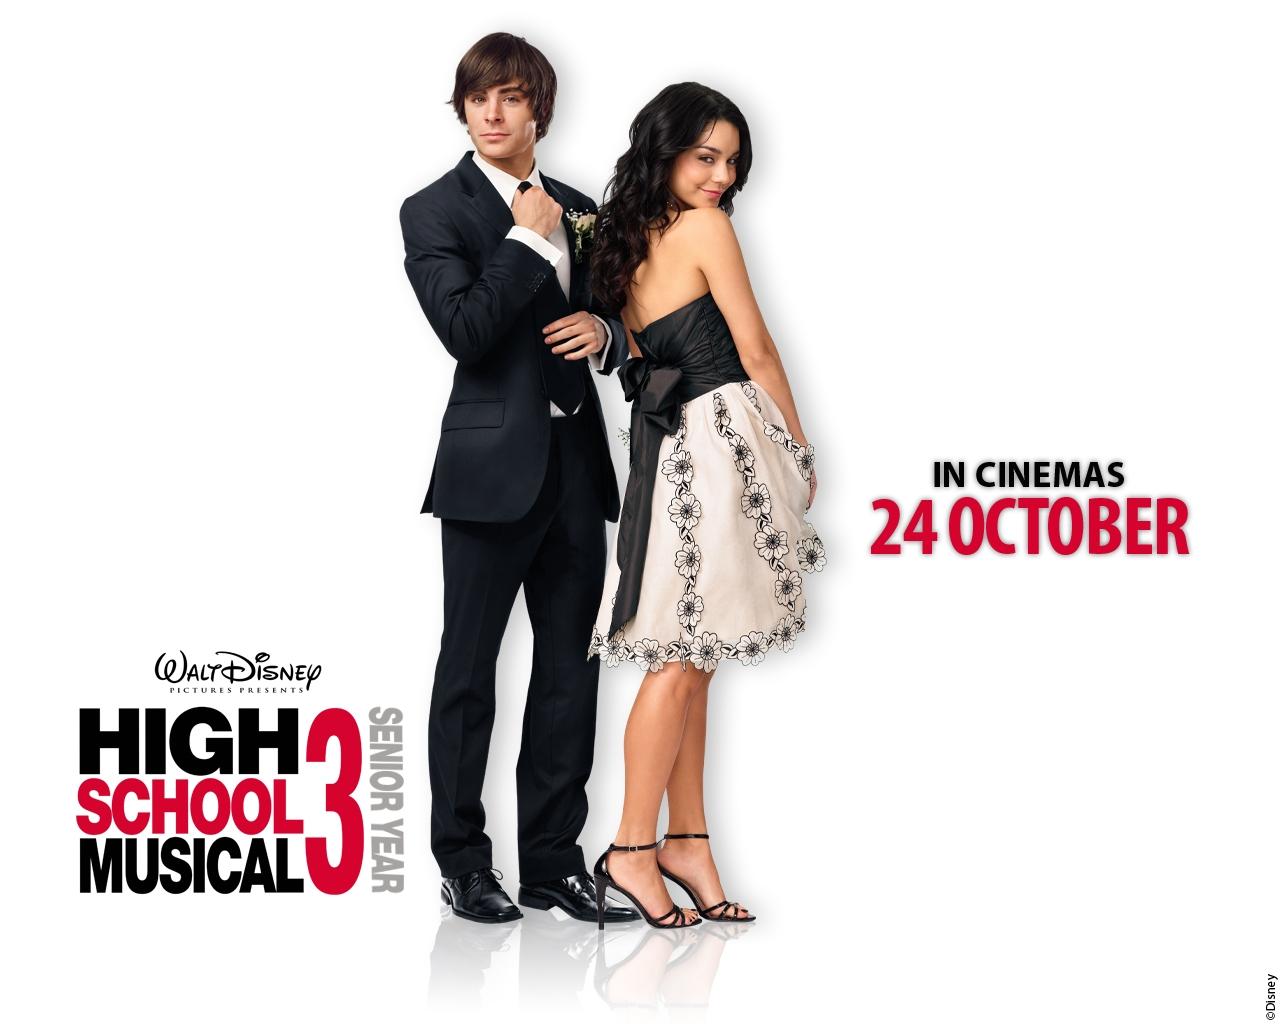 Wallpaper Di High School Musical 3 Con Zac Efron E Vanessa